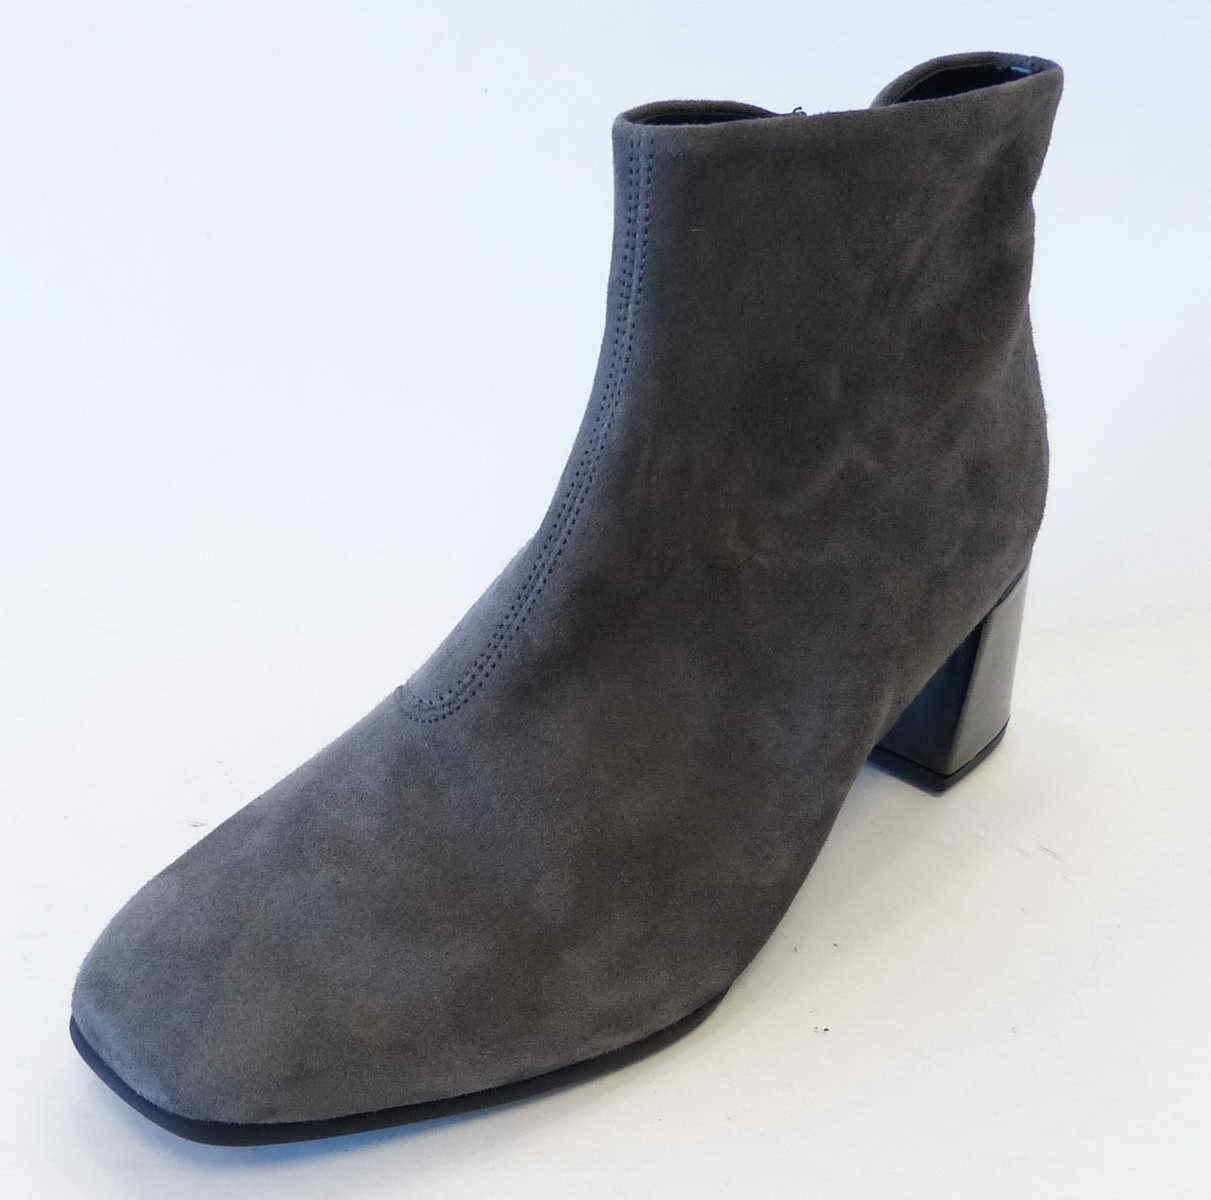 Gabor Stiefelette 860 39 Reißverschluß grau dark Grau Nubuk Leder Reißverschluß 39 Stiefel 098f1a